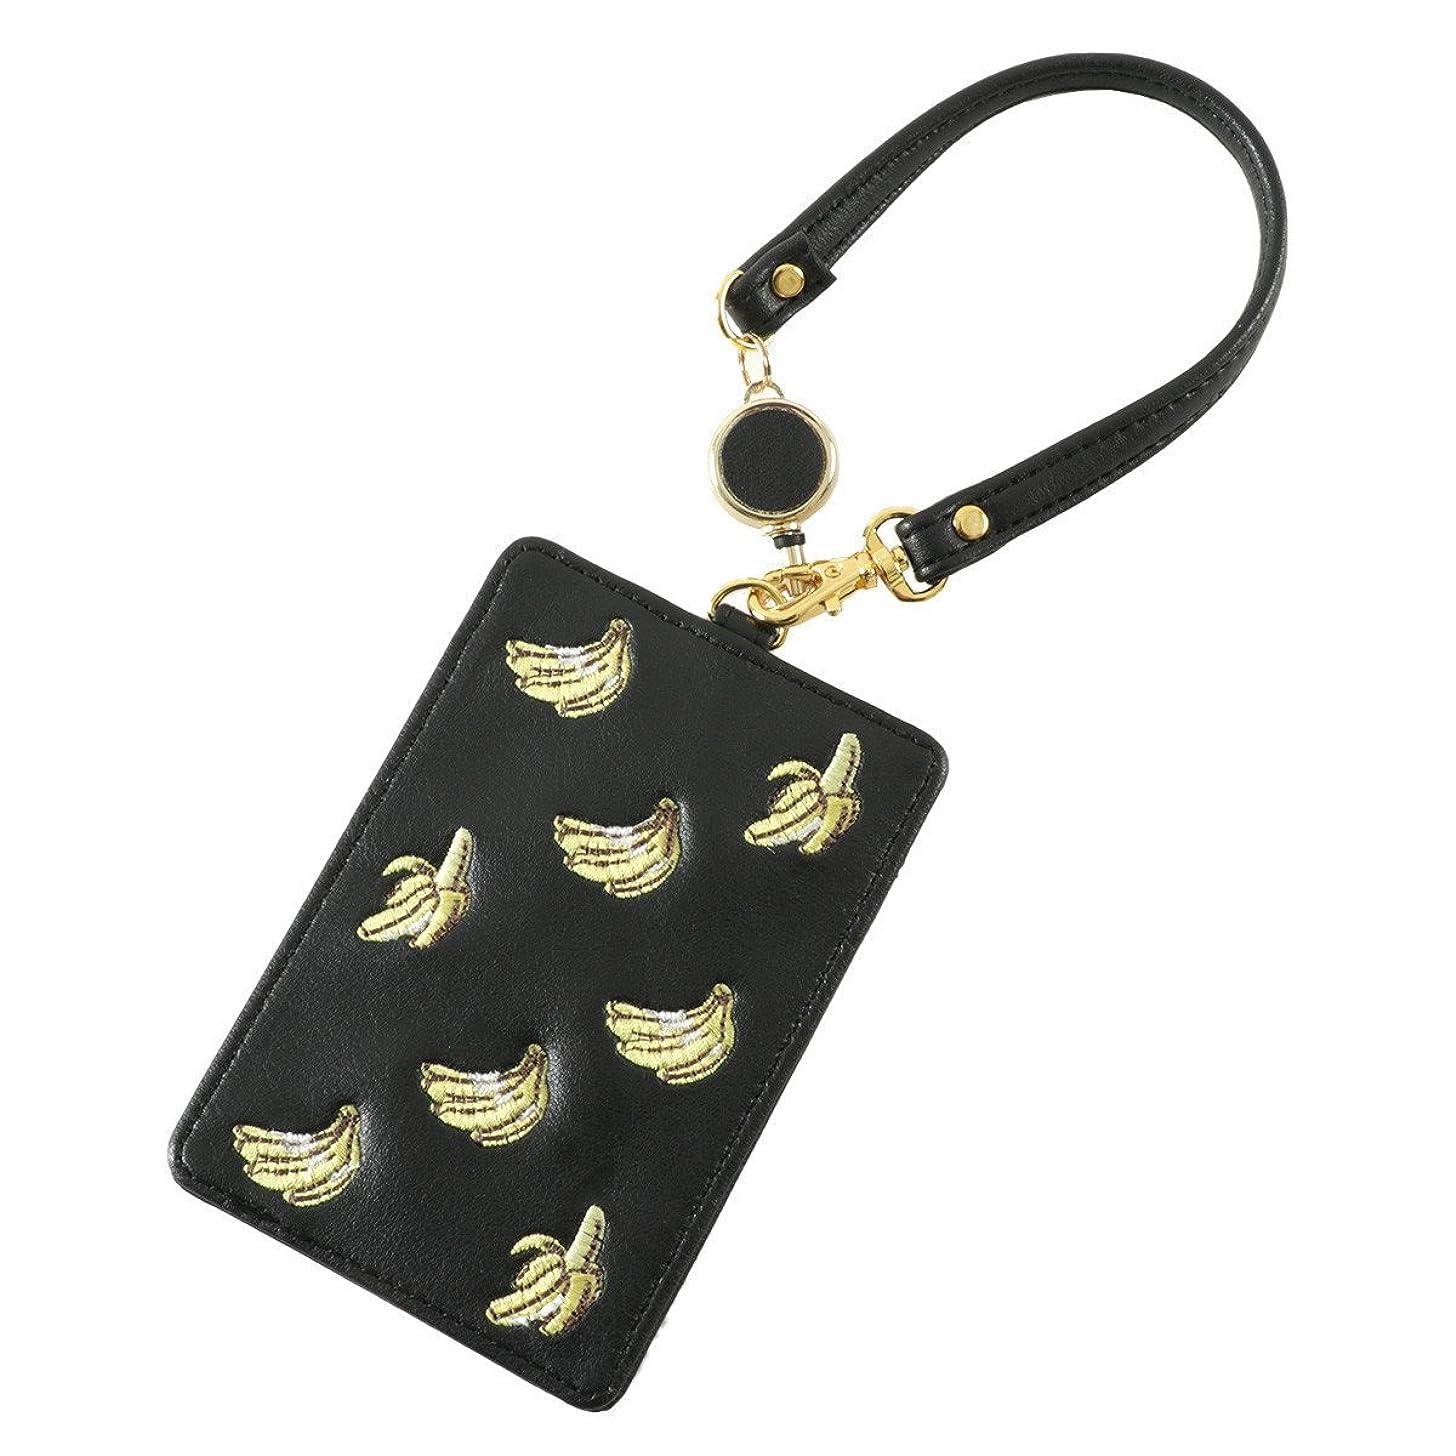 サーマル印象リッチ[フラッパー] フルーツ刺繍パスケースバナナ F178229